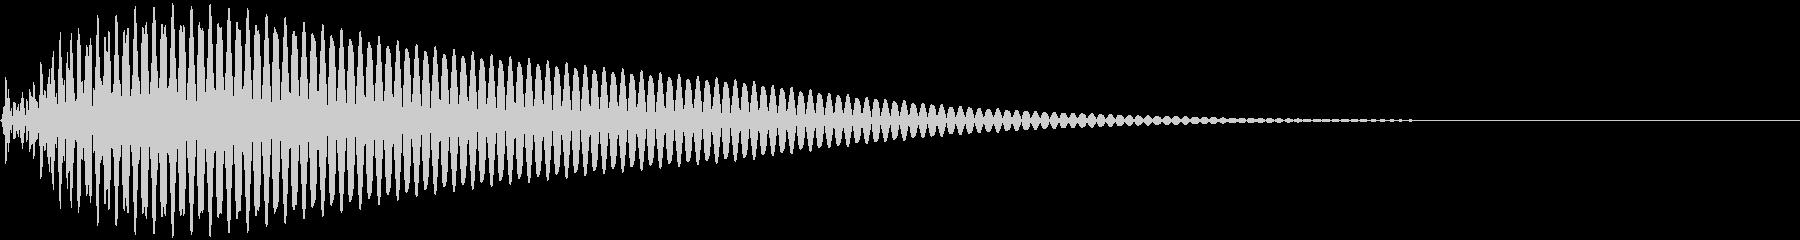 タン 低 (ボタン、スタート音)の未再生の波形